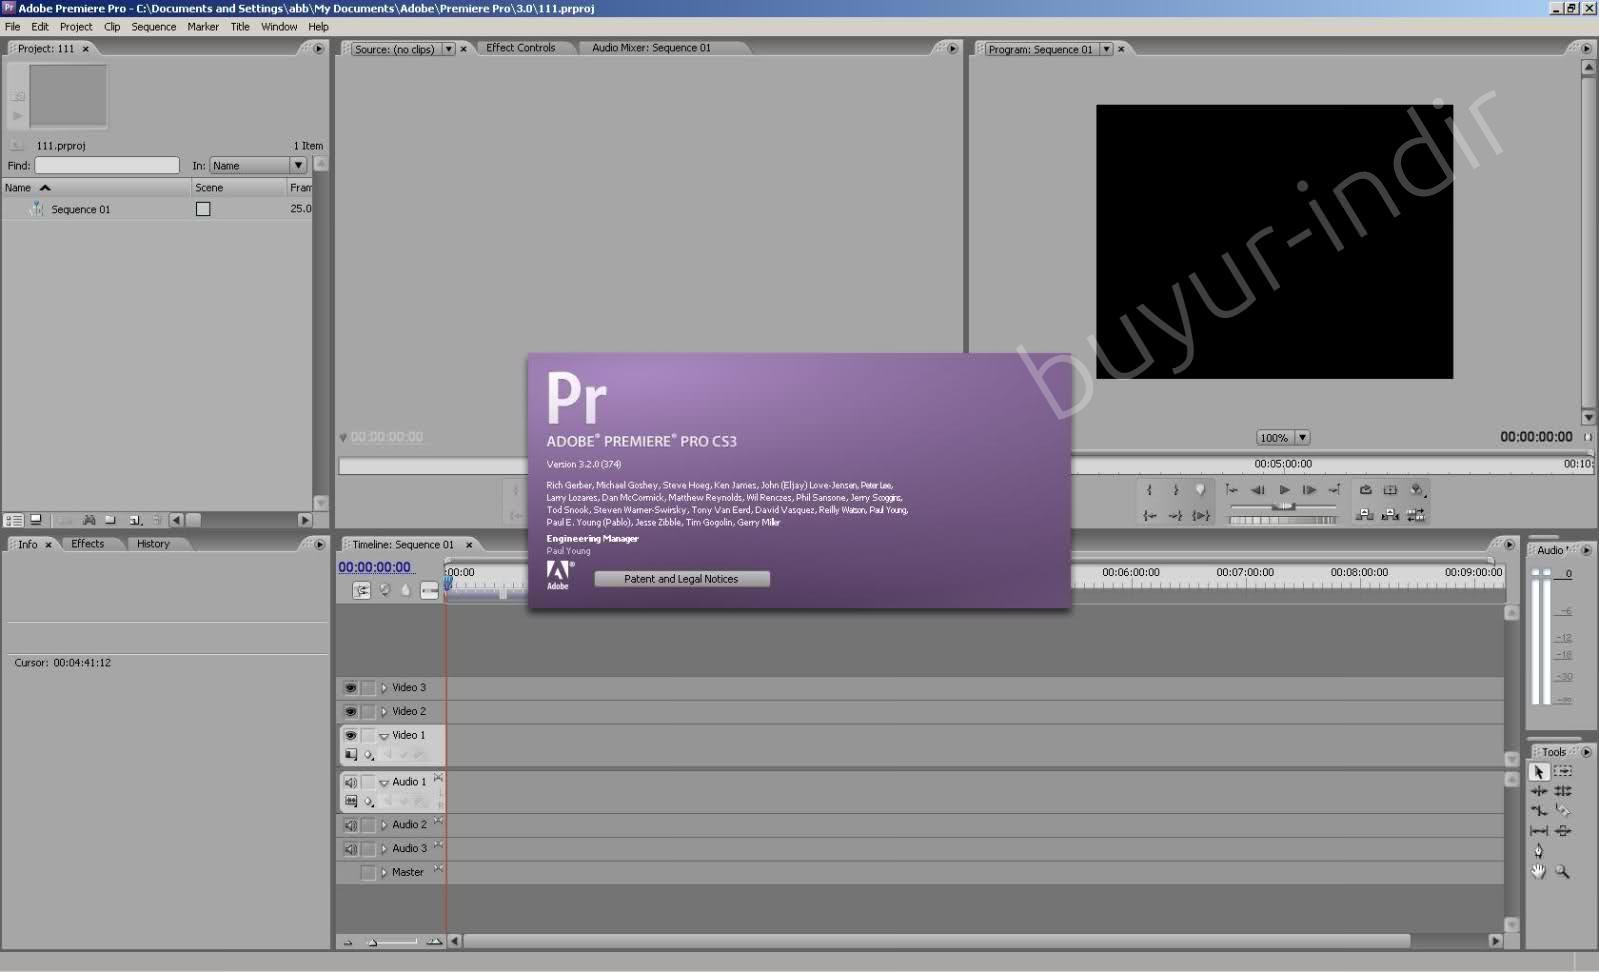 Adobe premiere pro cs3 keygen 19 : cathegbe